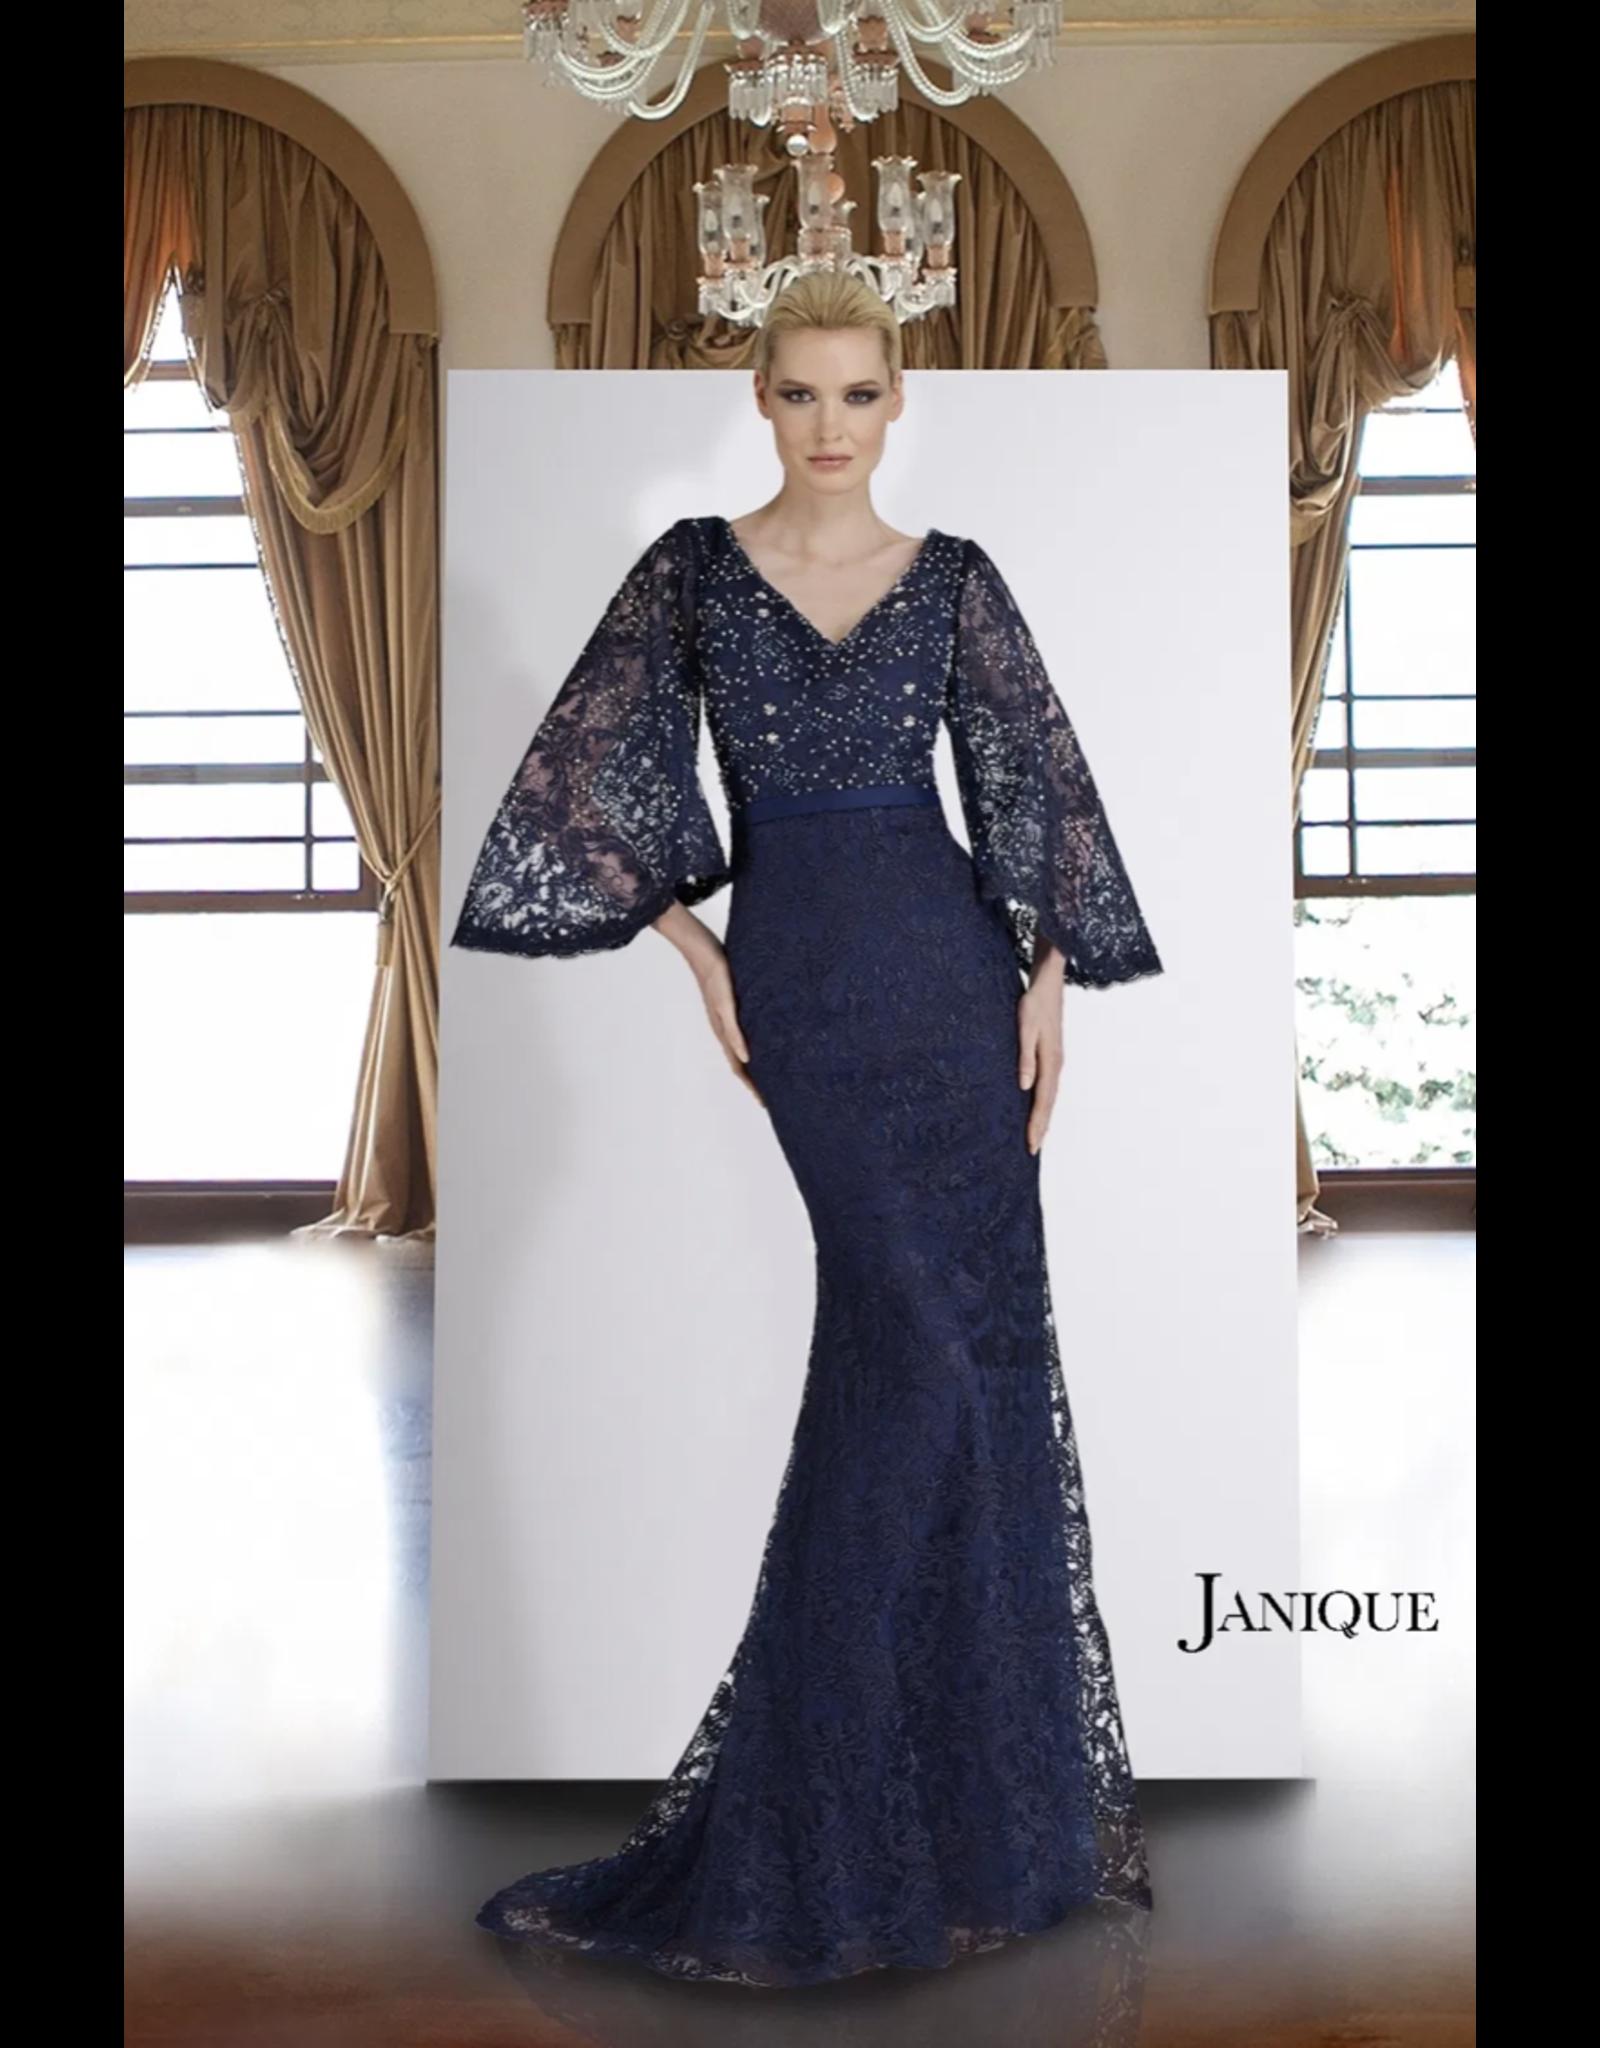 Janique JQ1824 Janique Dresses